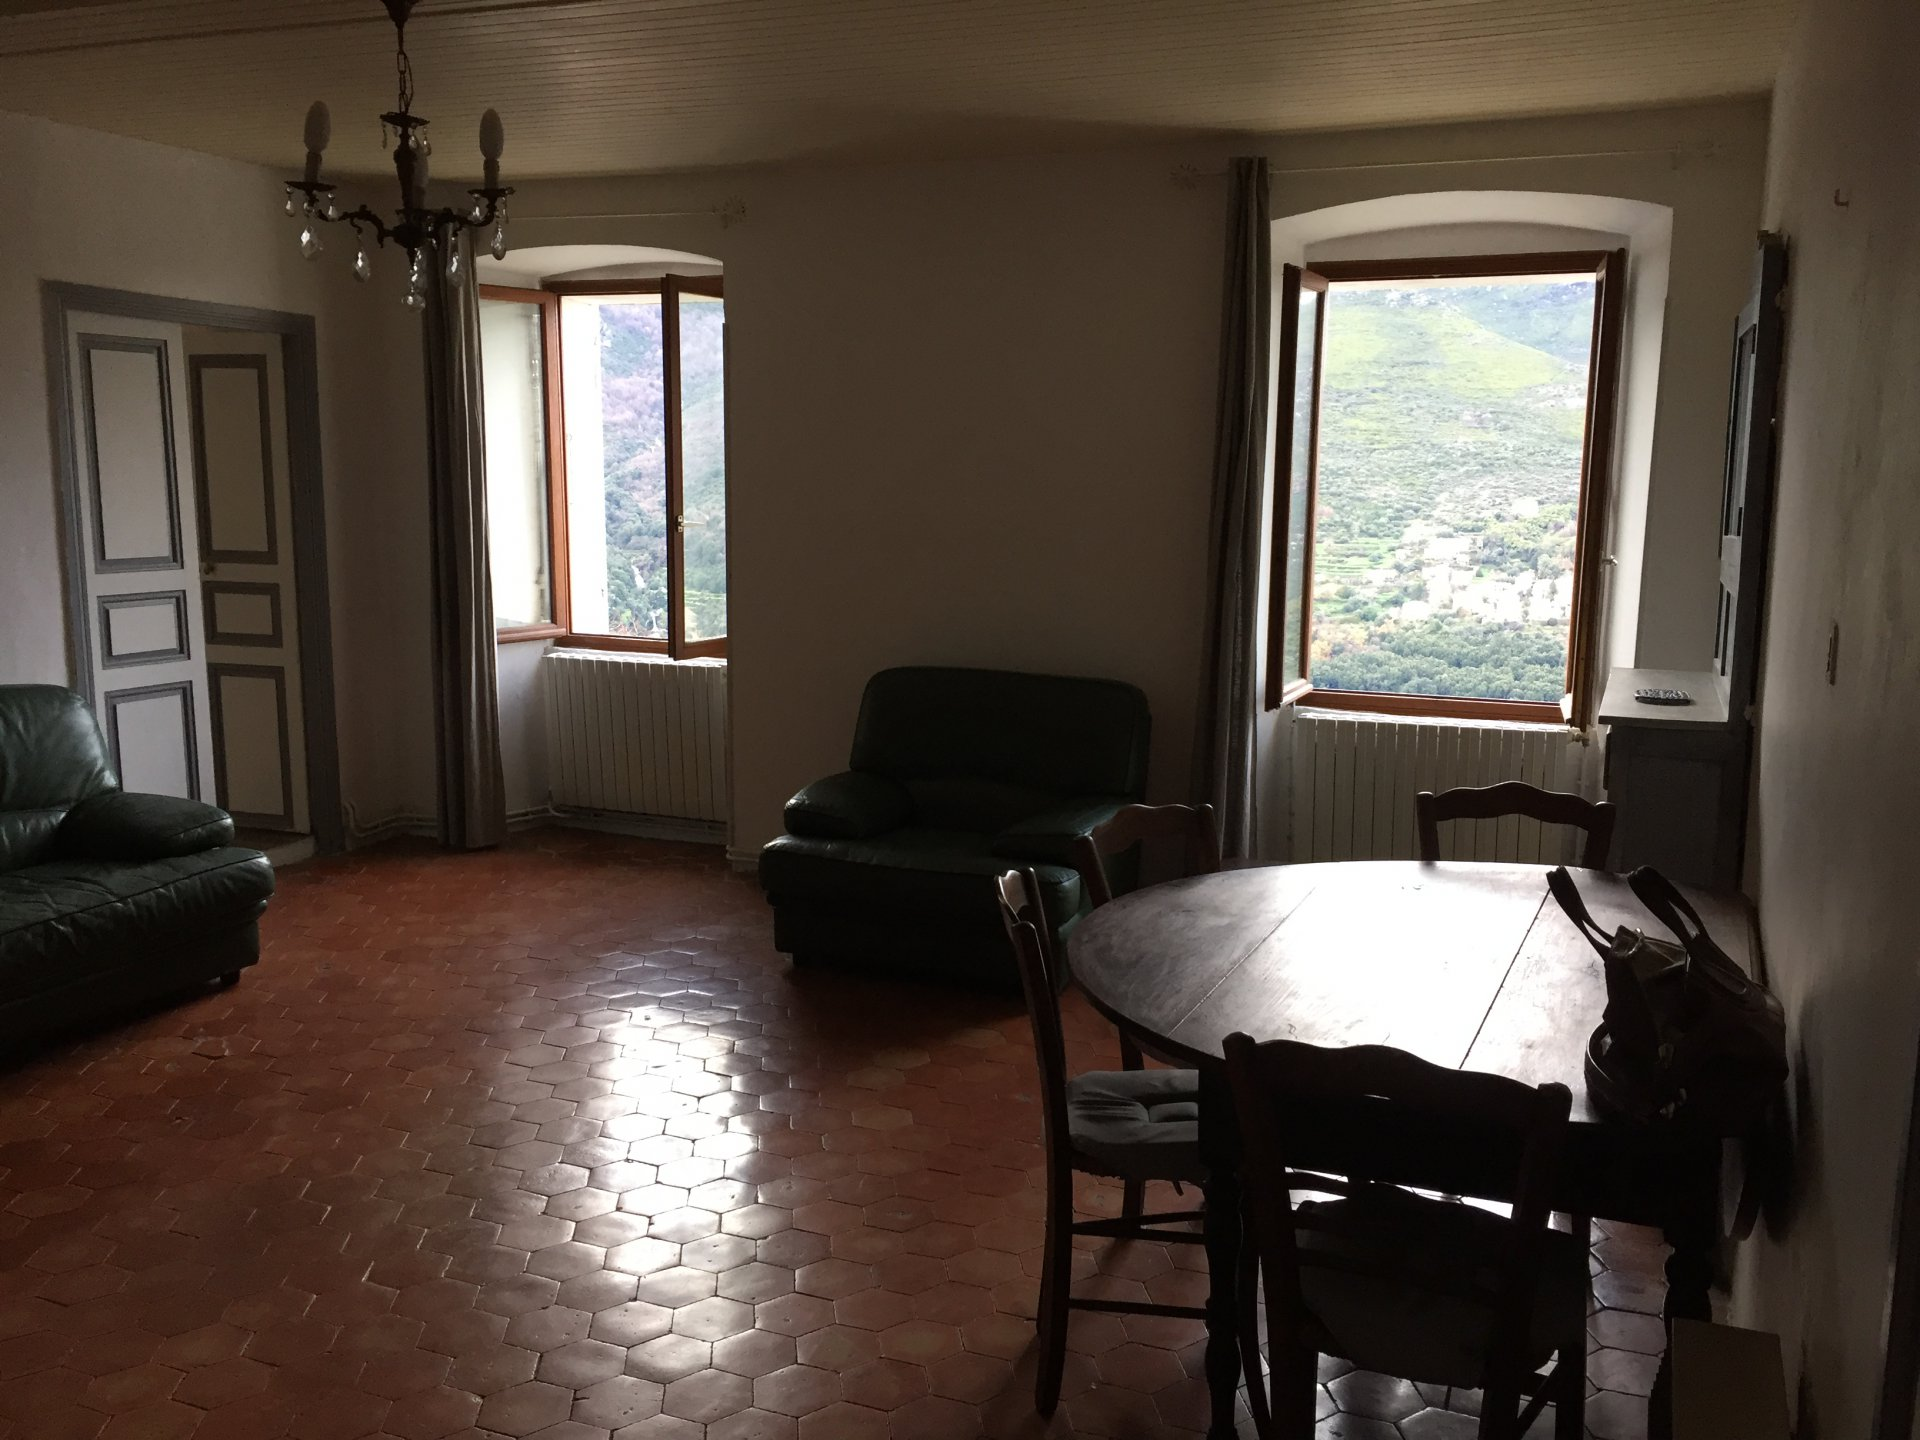 Affitto Appartamento - San-Martino-di-Lota